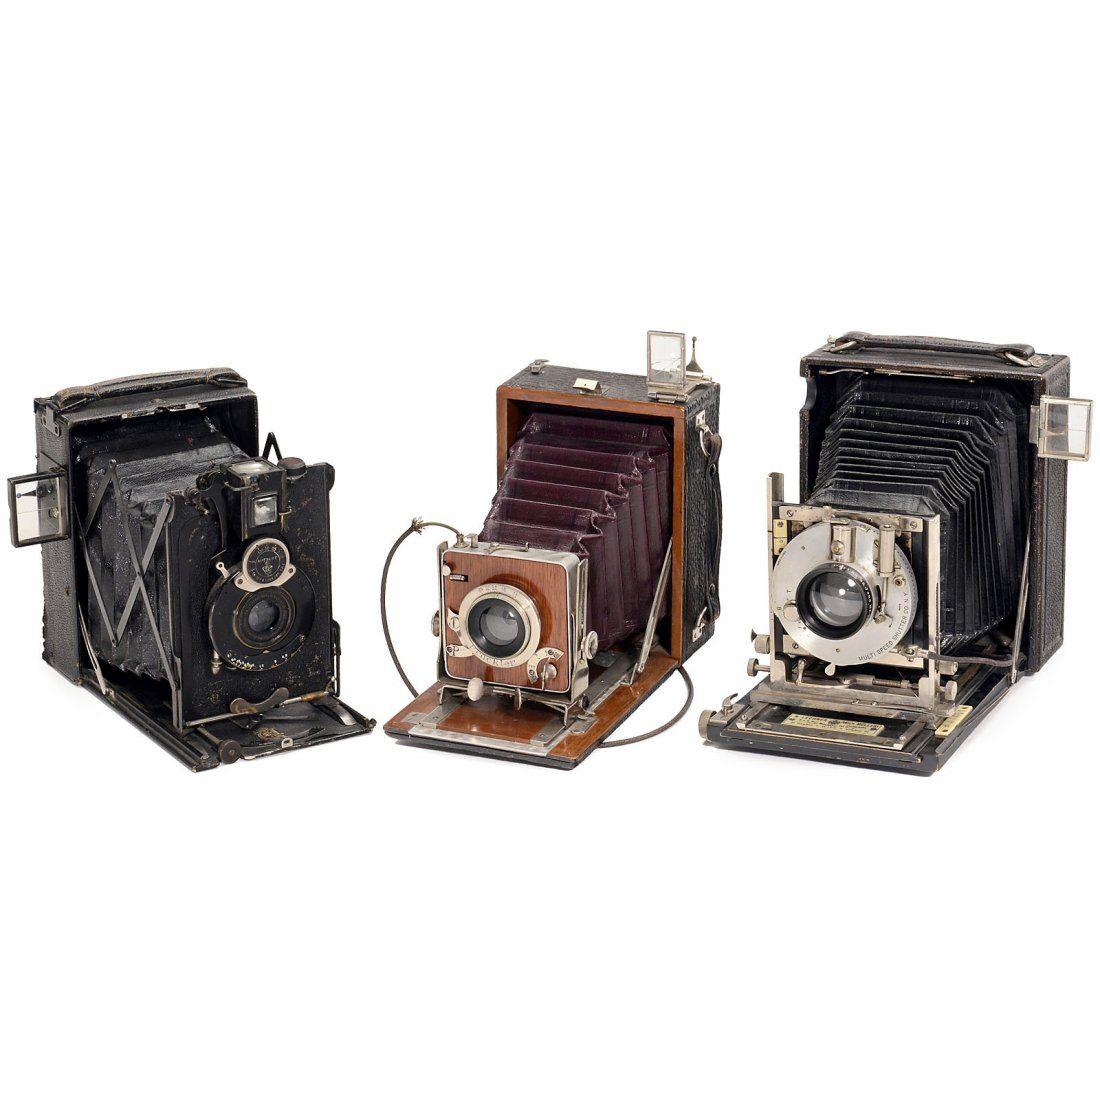 3 Rare Folding Plate Cameras (9 x 12 cm) 1) France